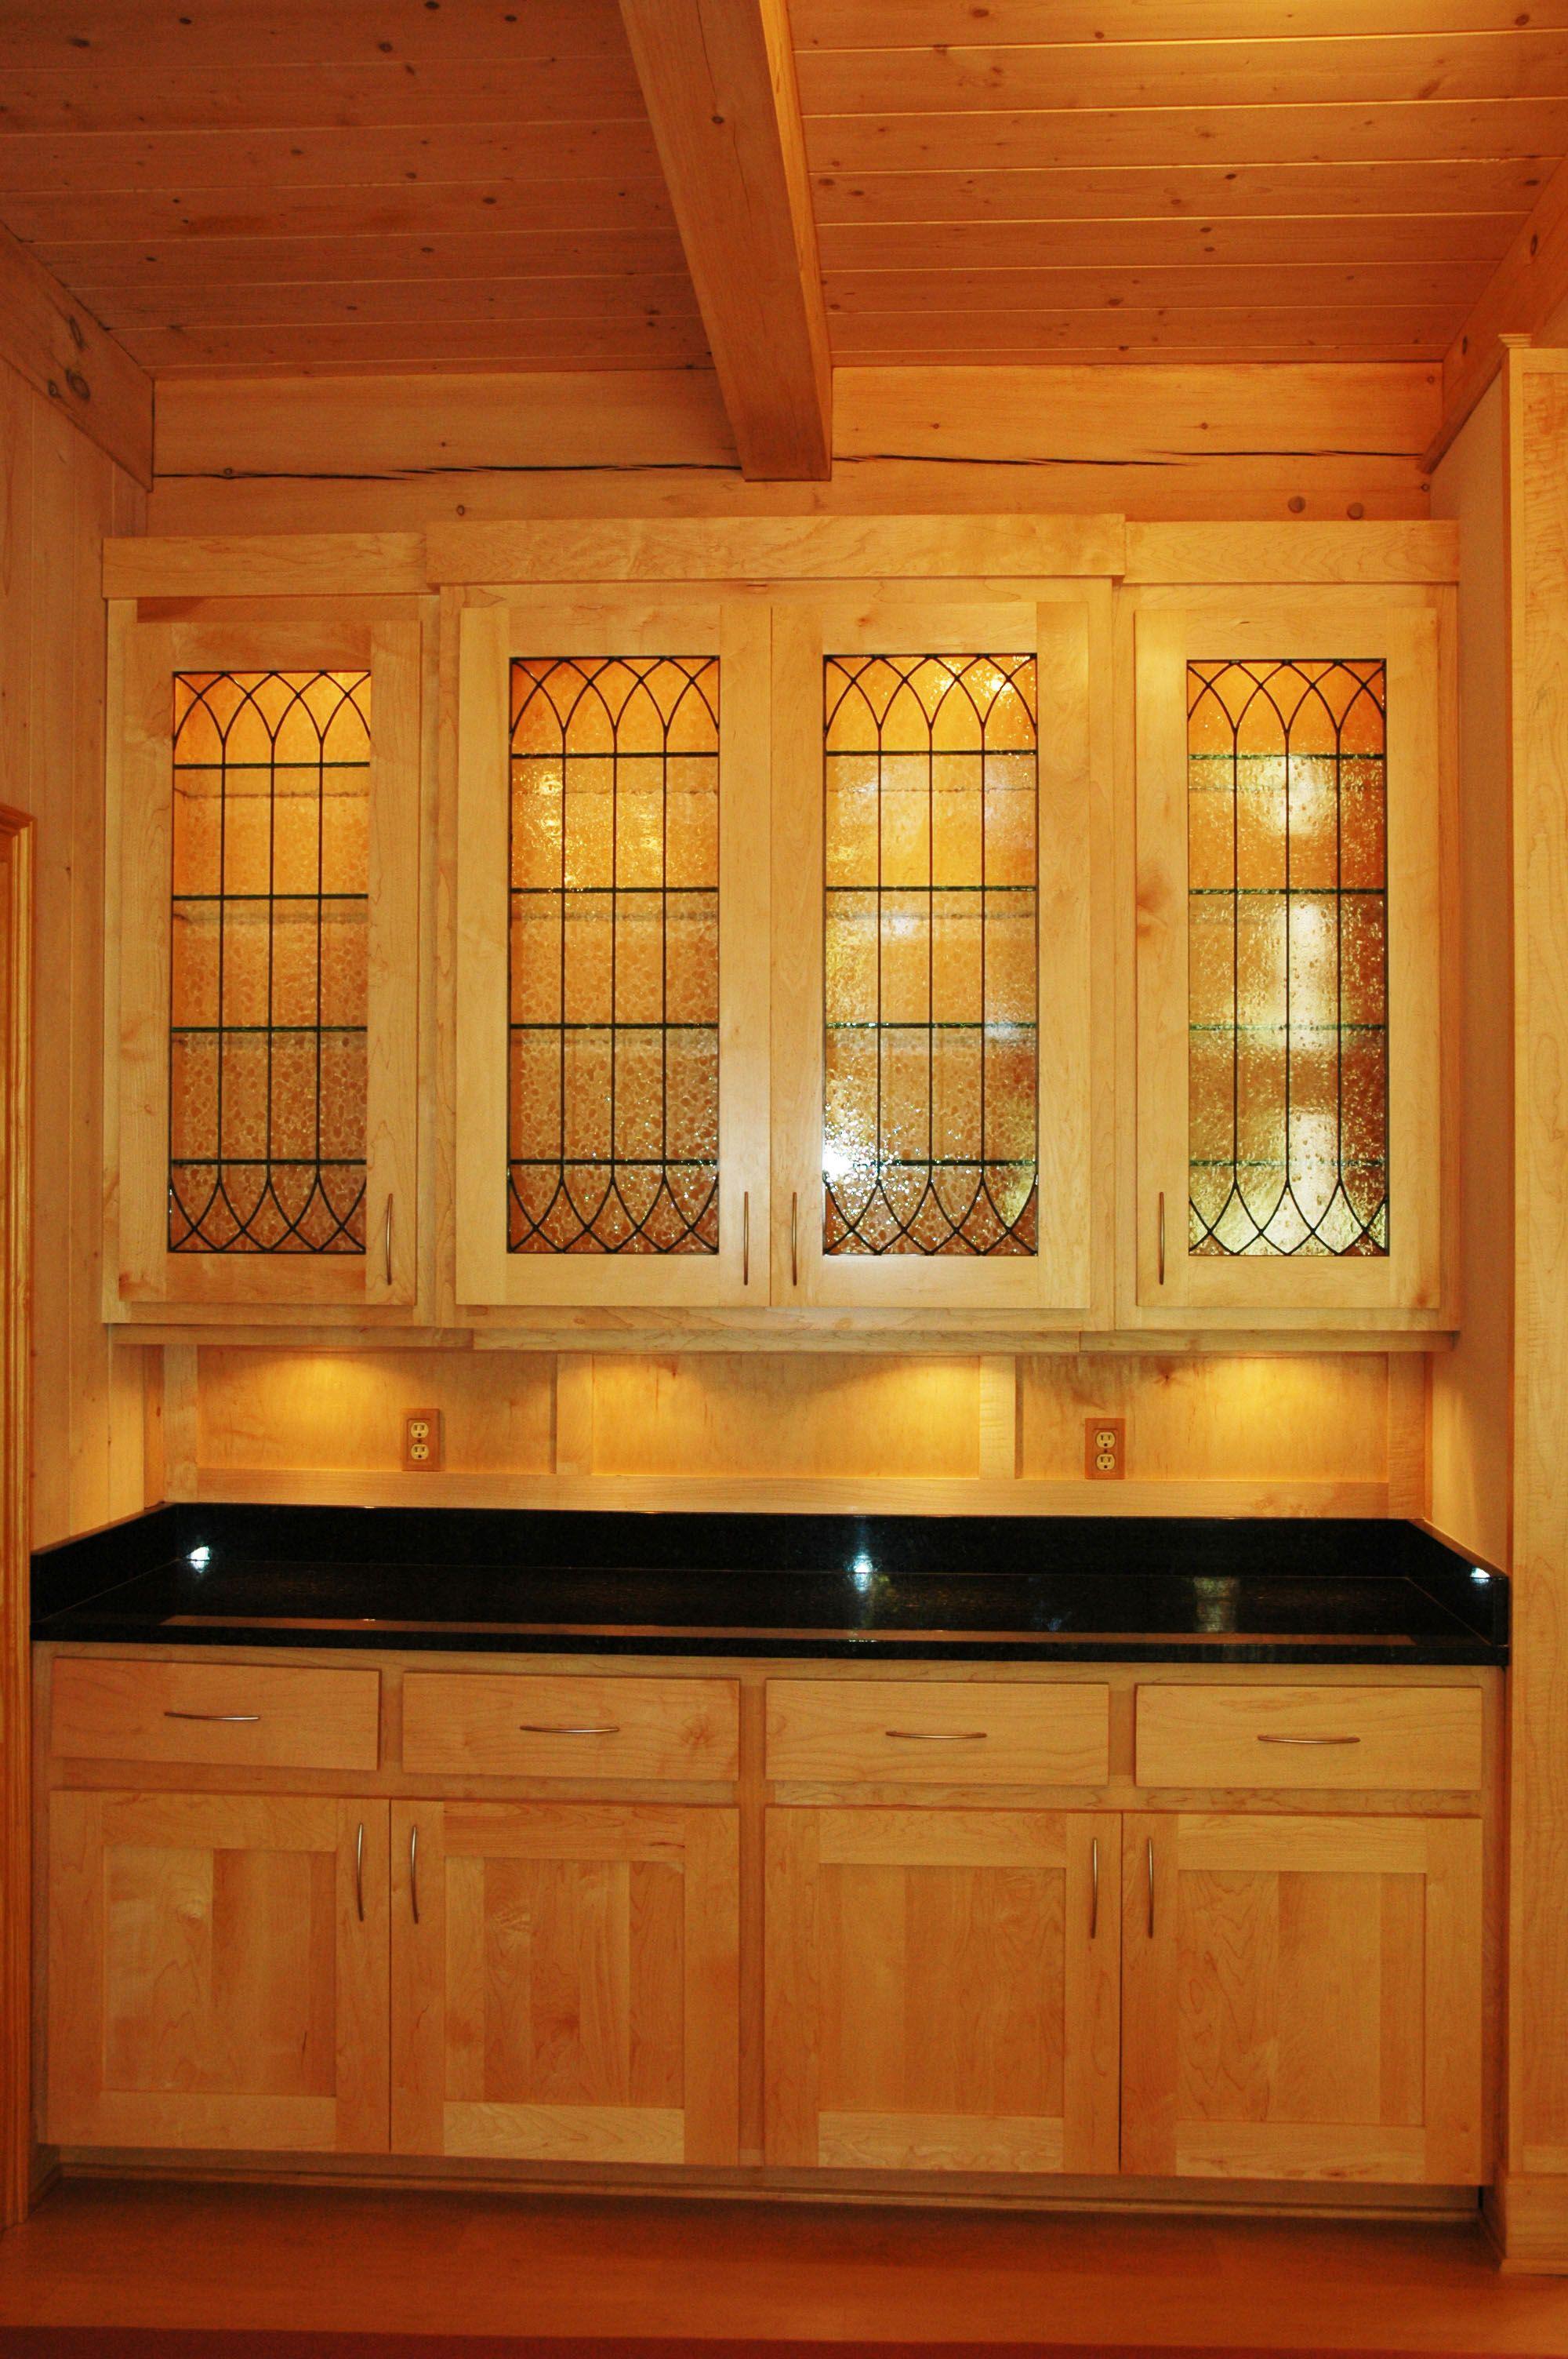 Mark S Photos Facebook Kitchen Remodel Interior Design Kitchen Maple Cabinets